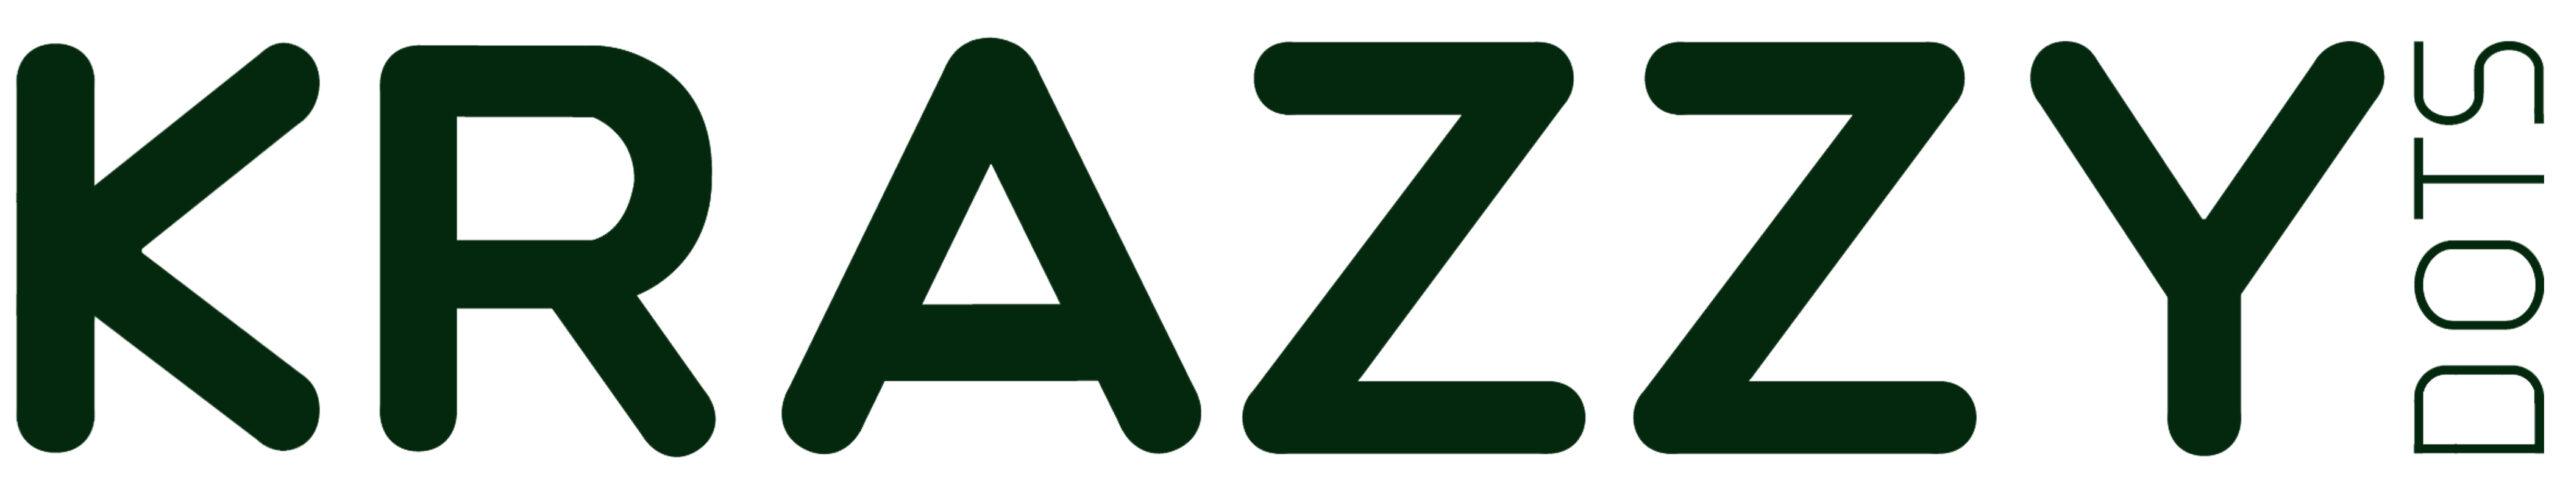 Krazzydots